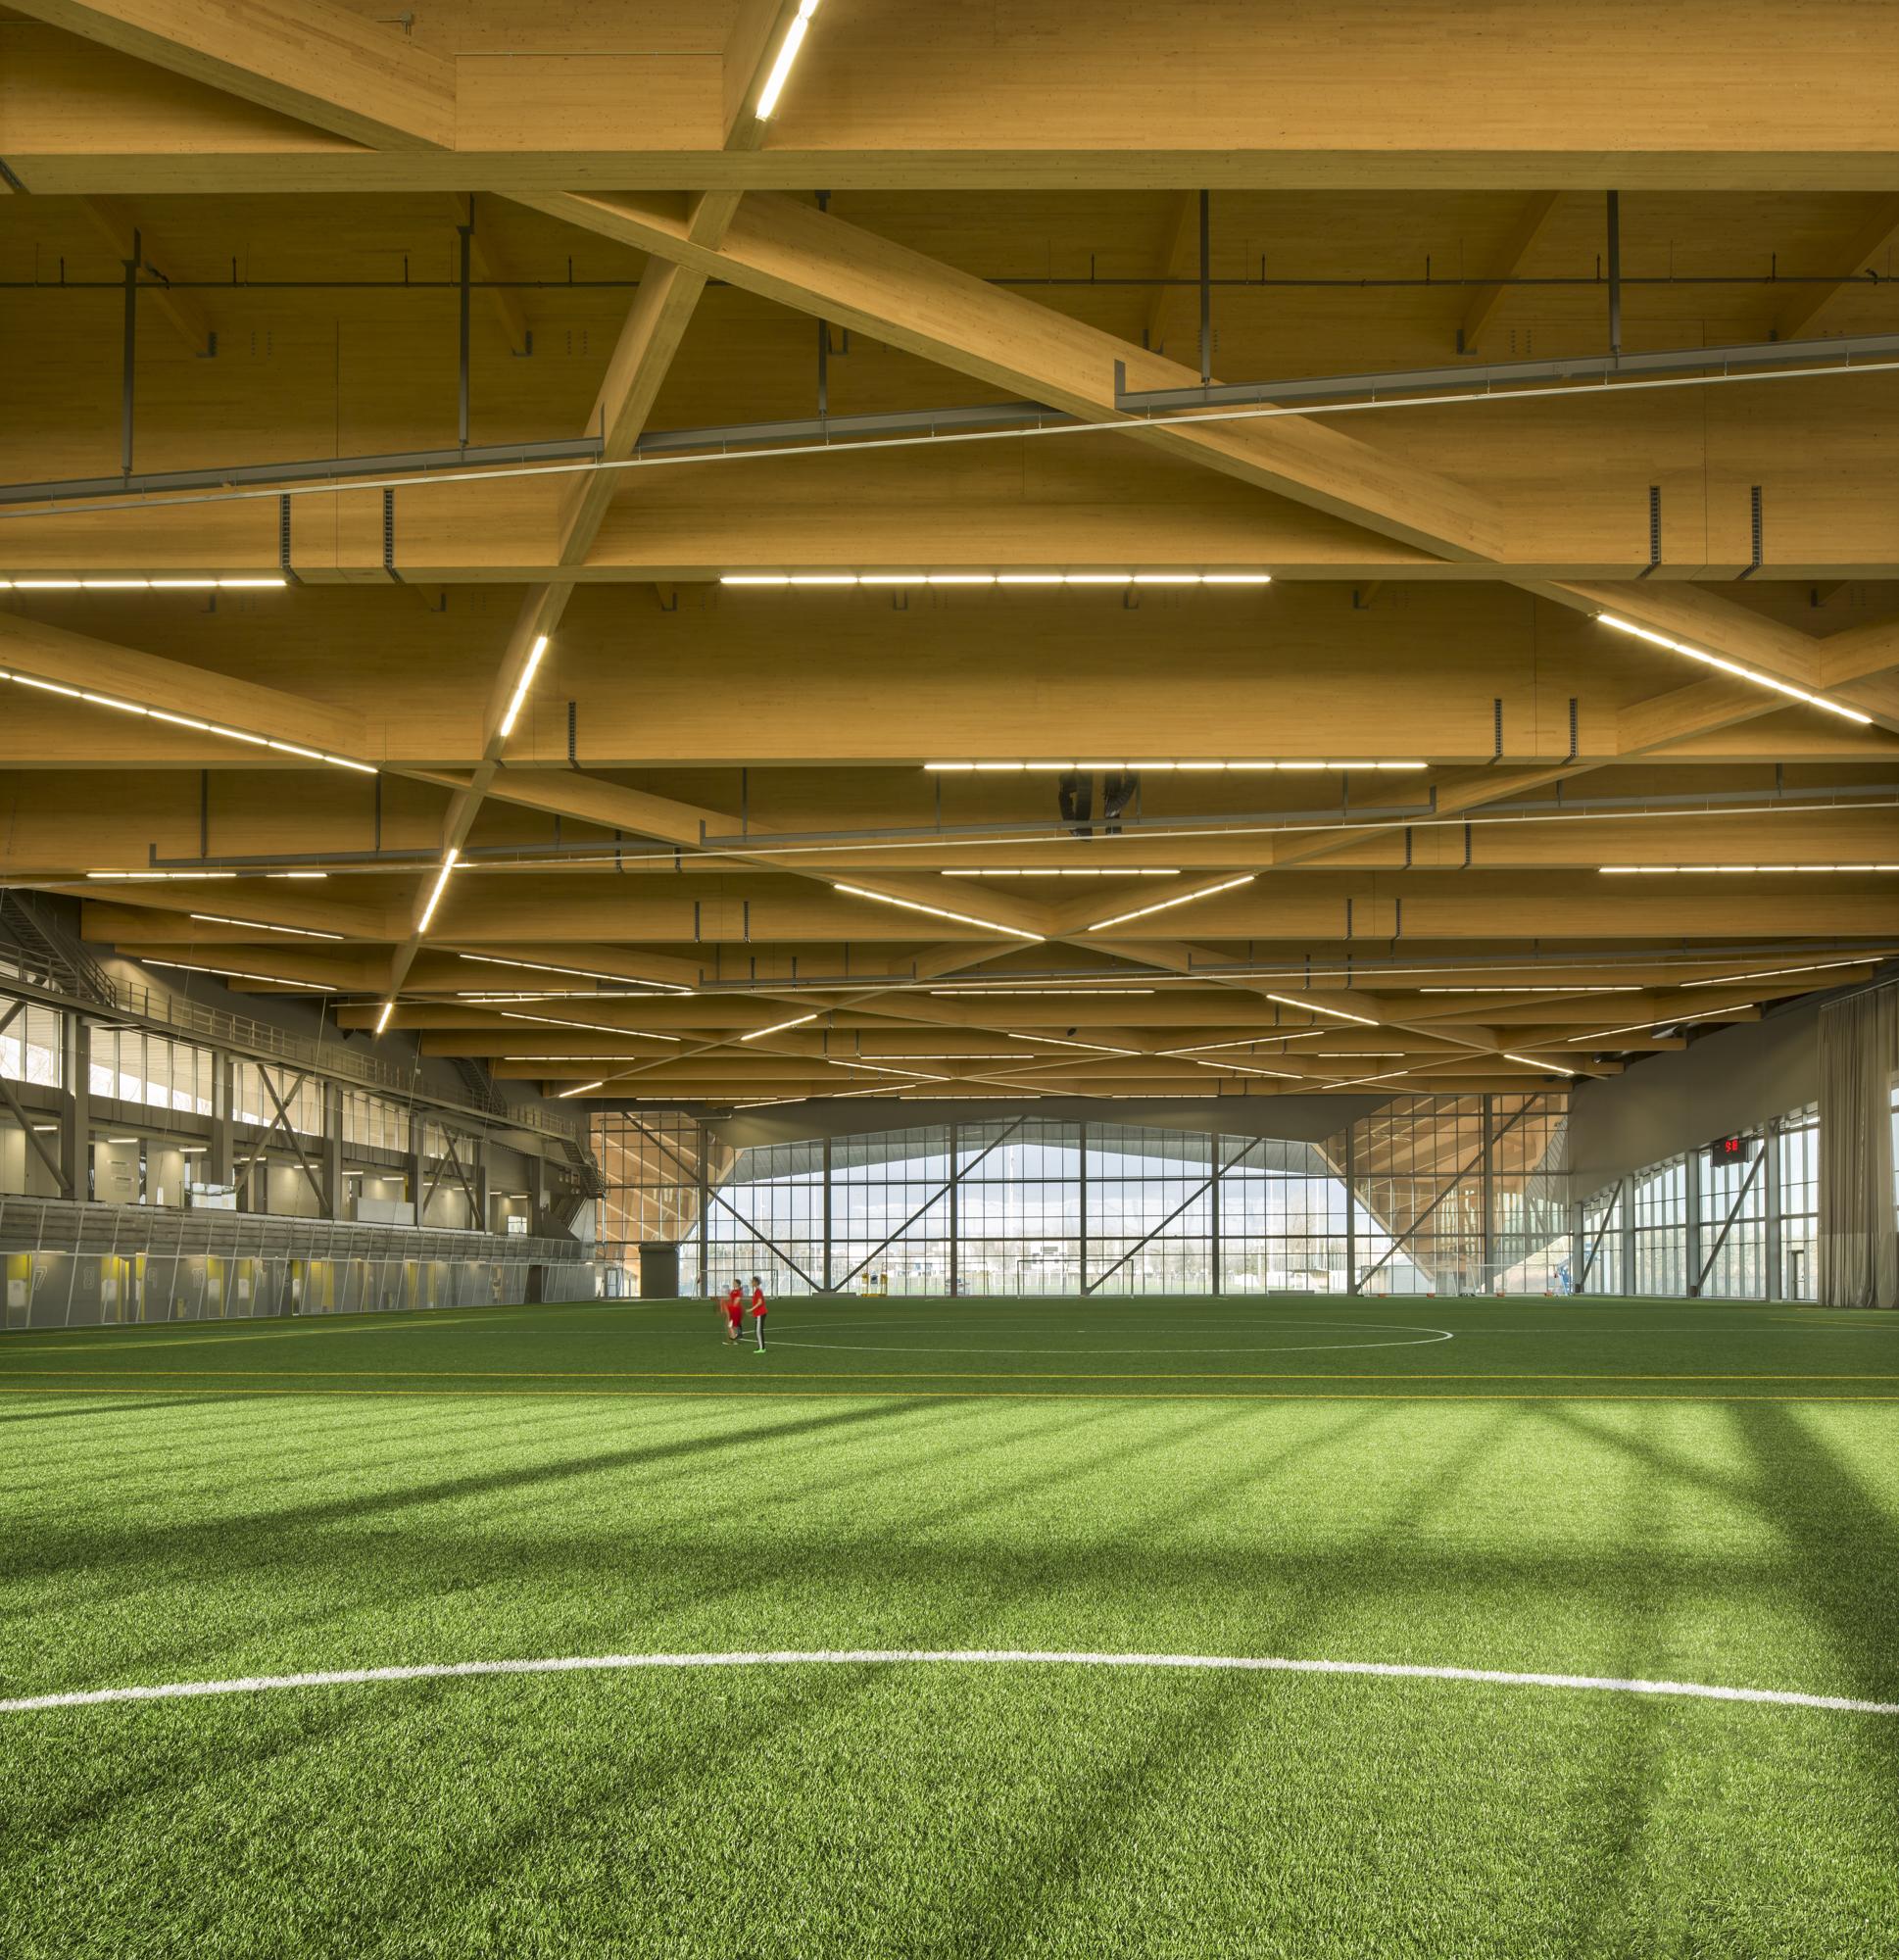 'Stade de soccer Saint-Michel Cecobois